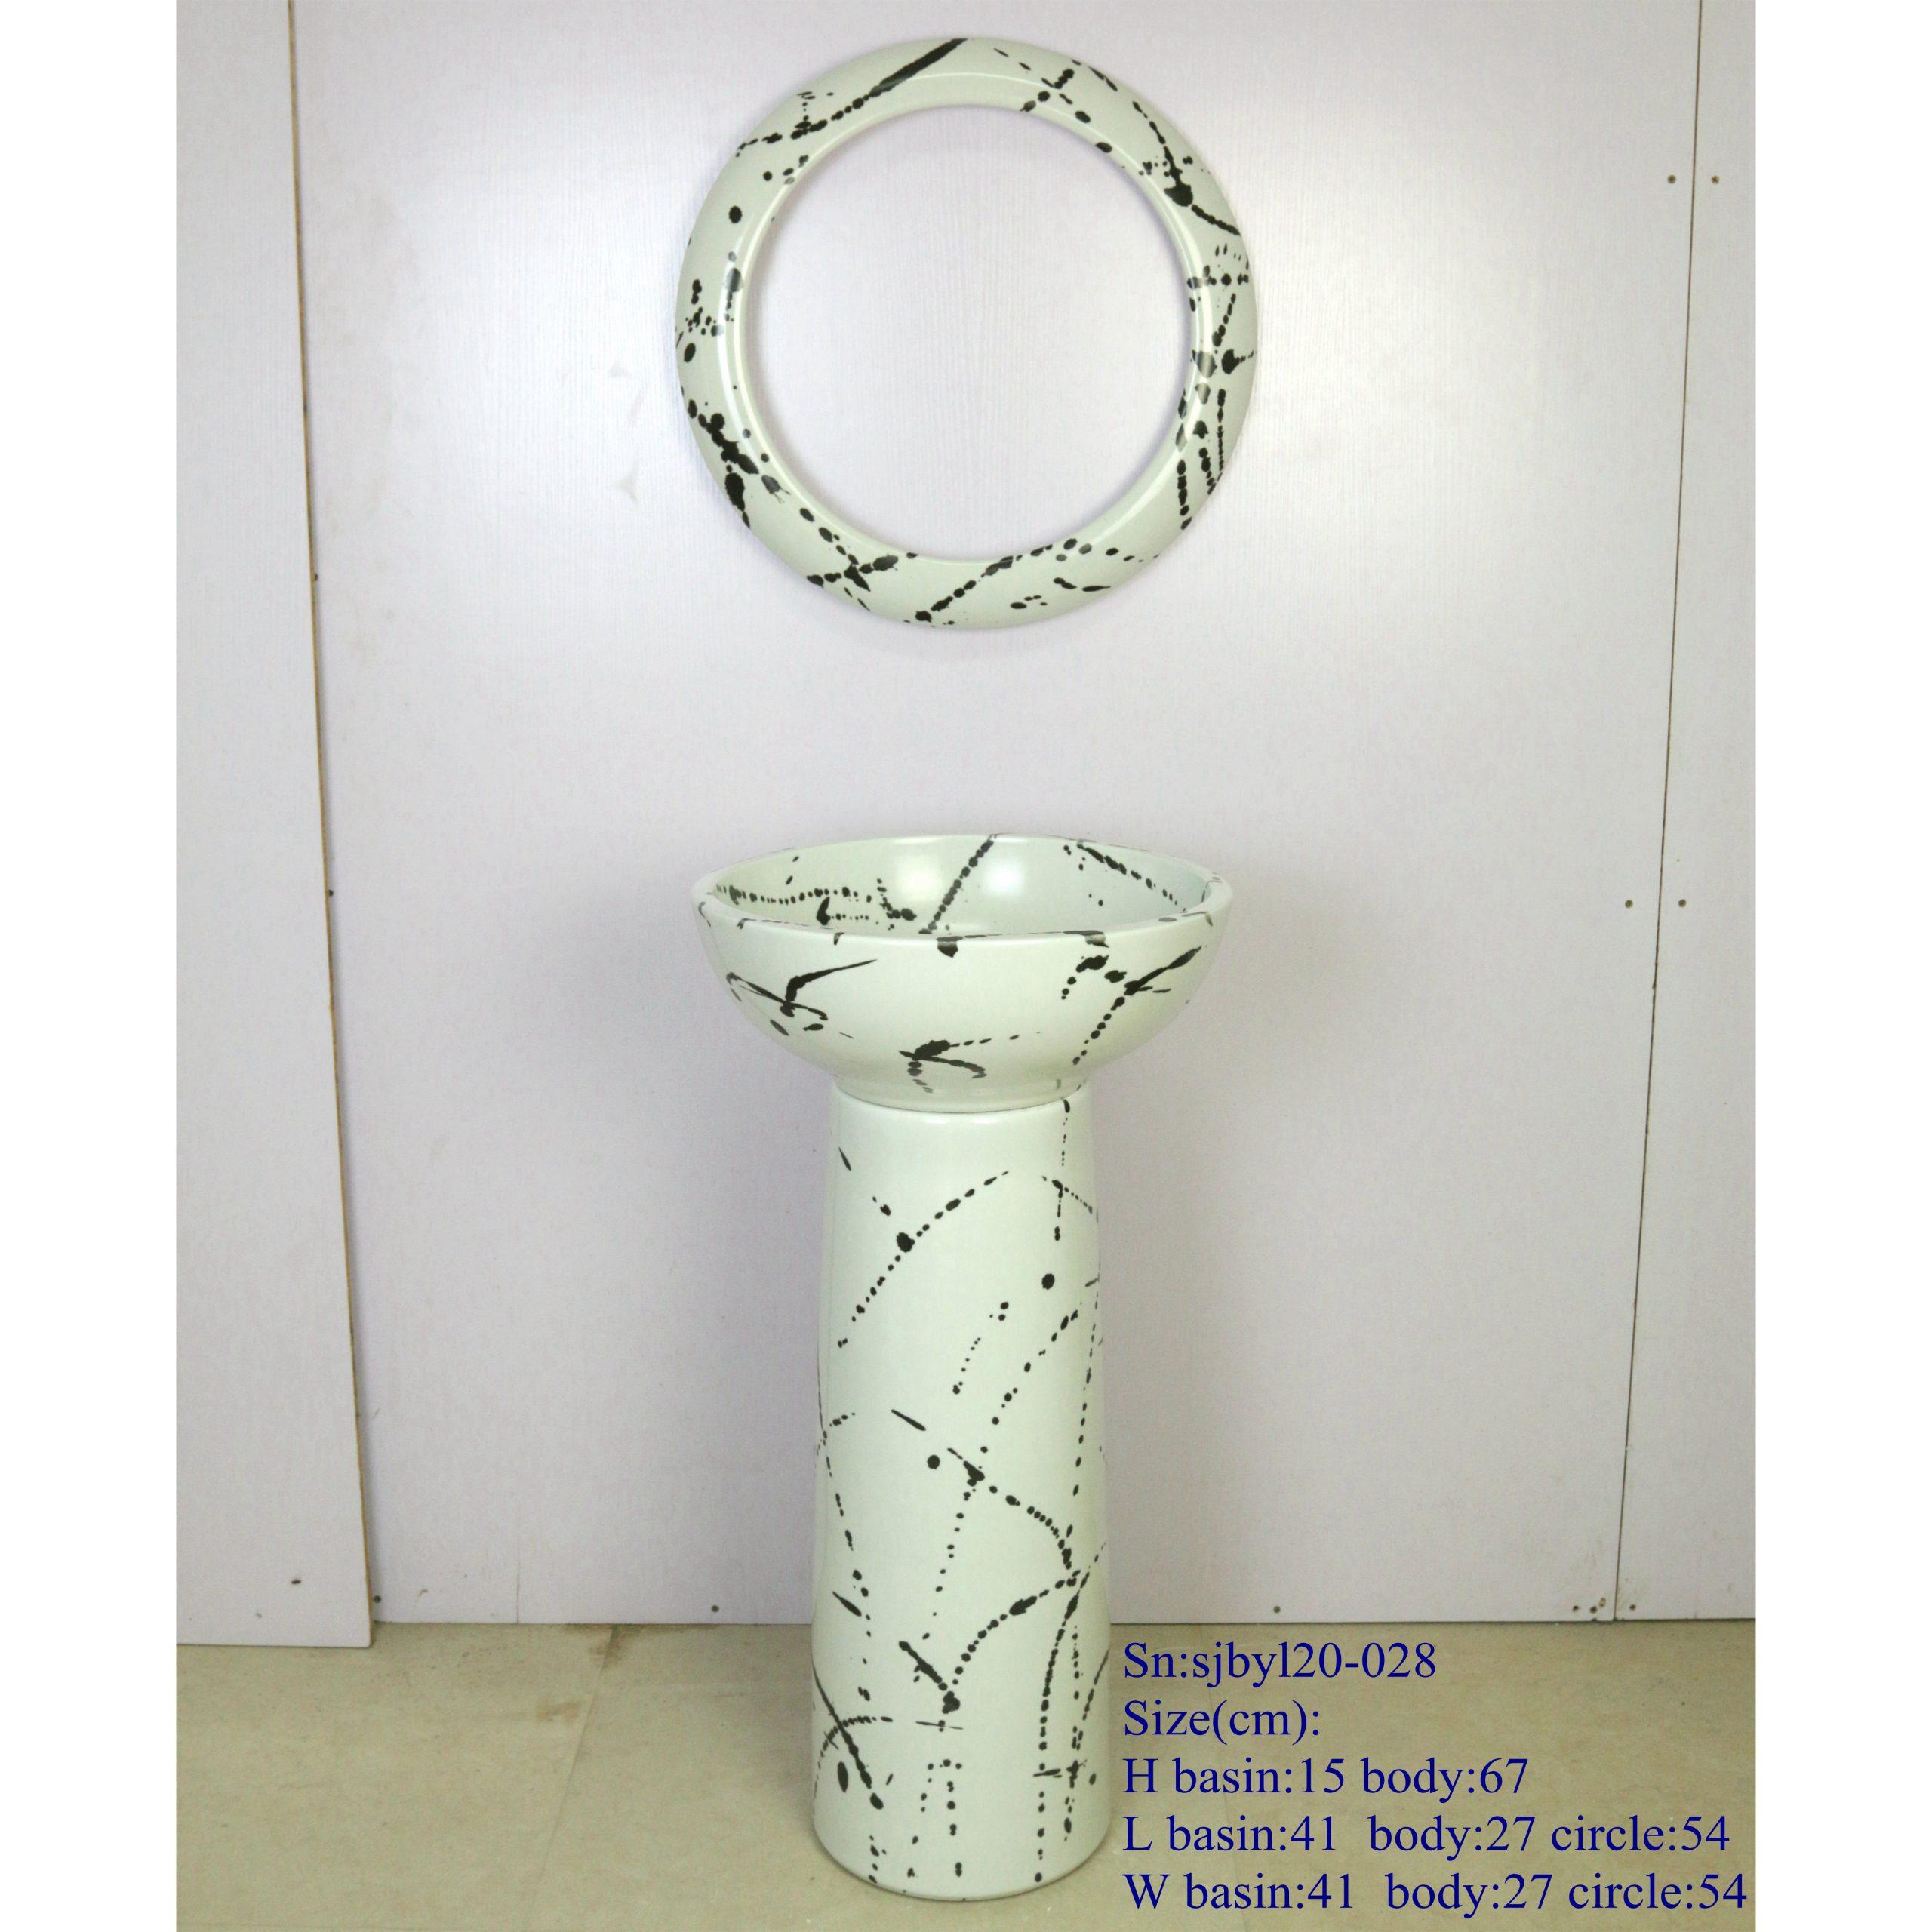 sjbyl120-028 Restaurant Nesting basin - Ink blot porcelain pedestal sink